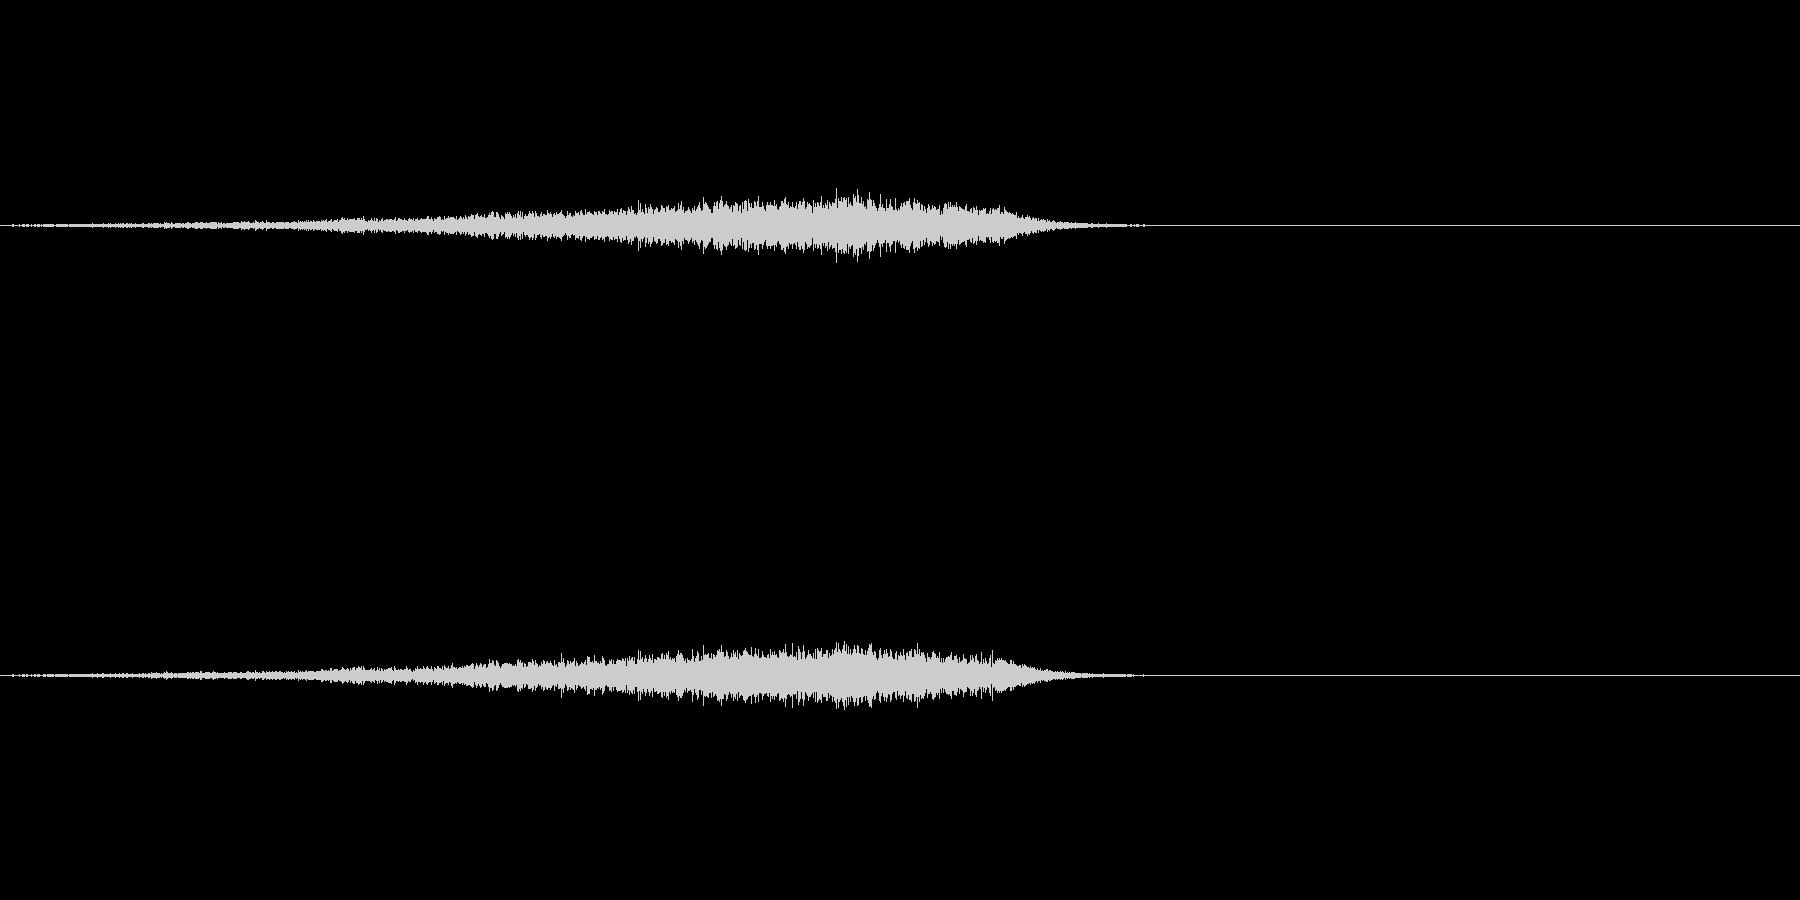 しゅーん(ワープの音)の未再生の波形